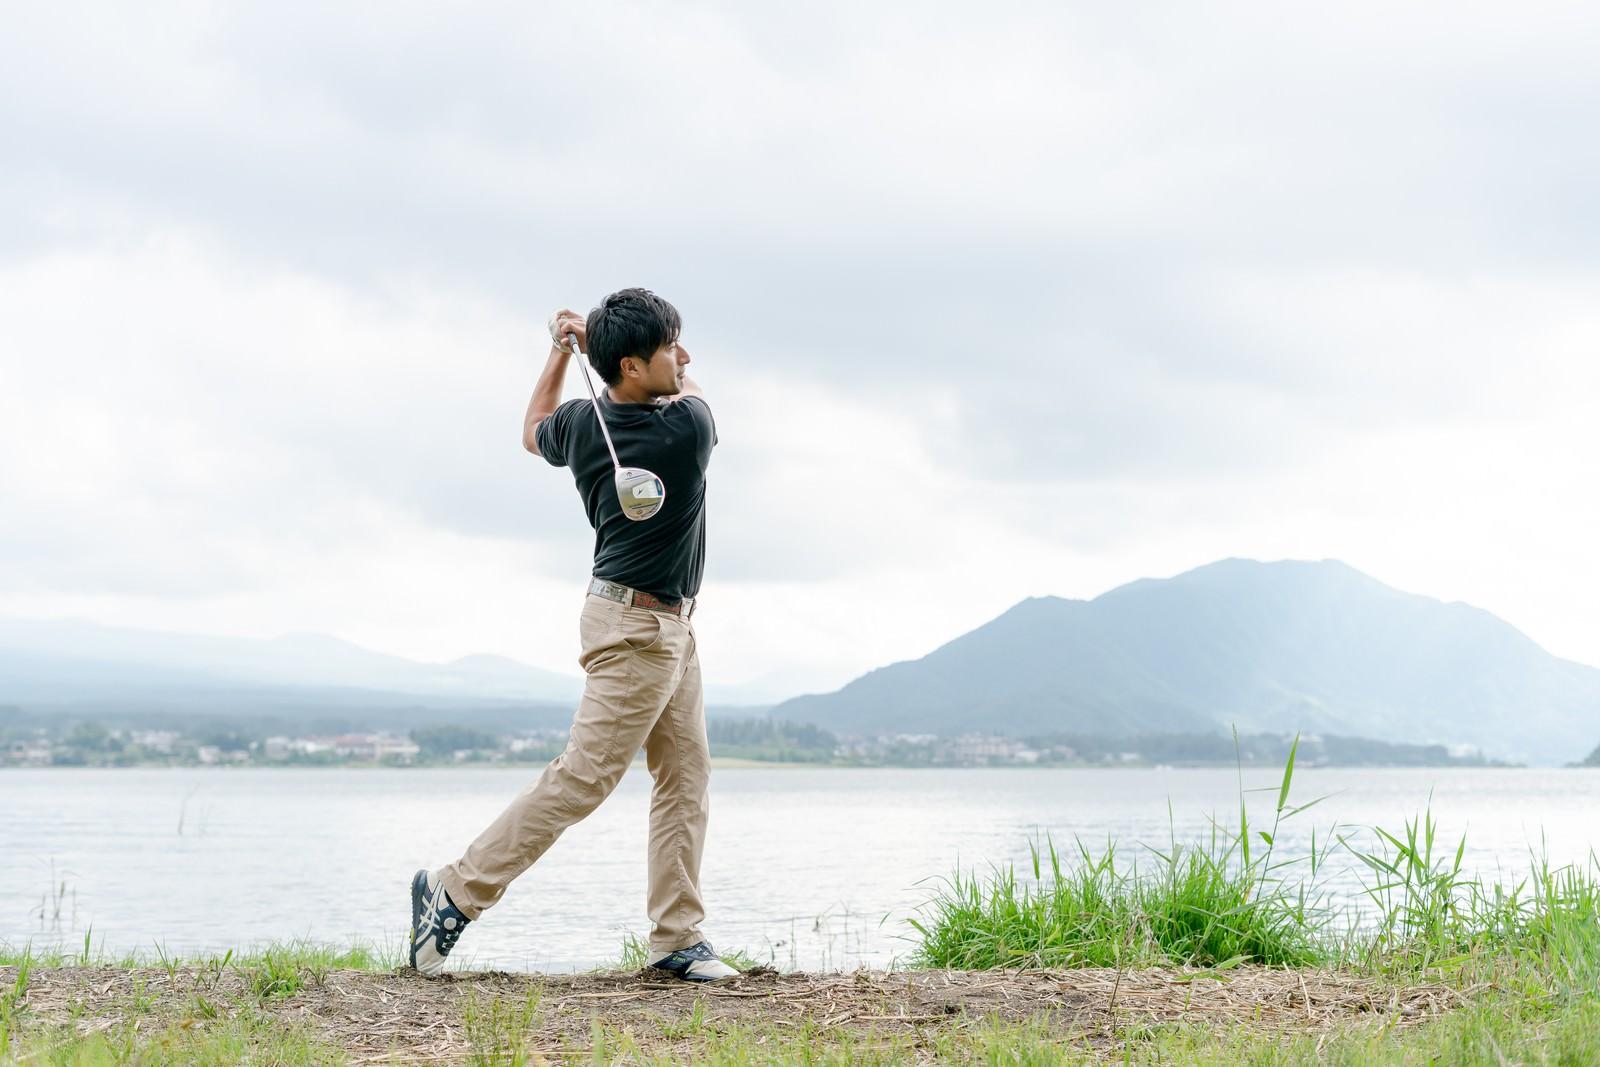 「ドライバーを振るゴルファー | 写真の無料素材・フリー素材 - ぱくたそ」の写真[モデル:サカモトリョウ]